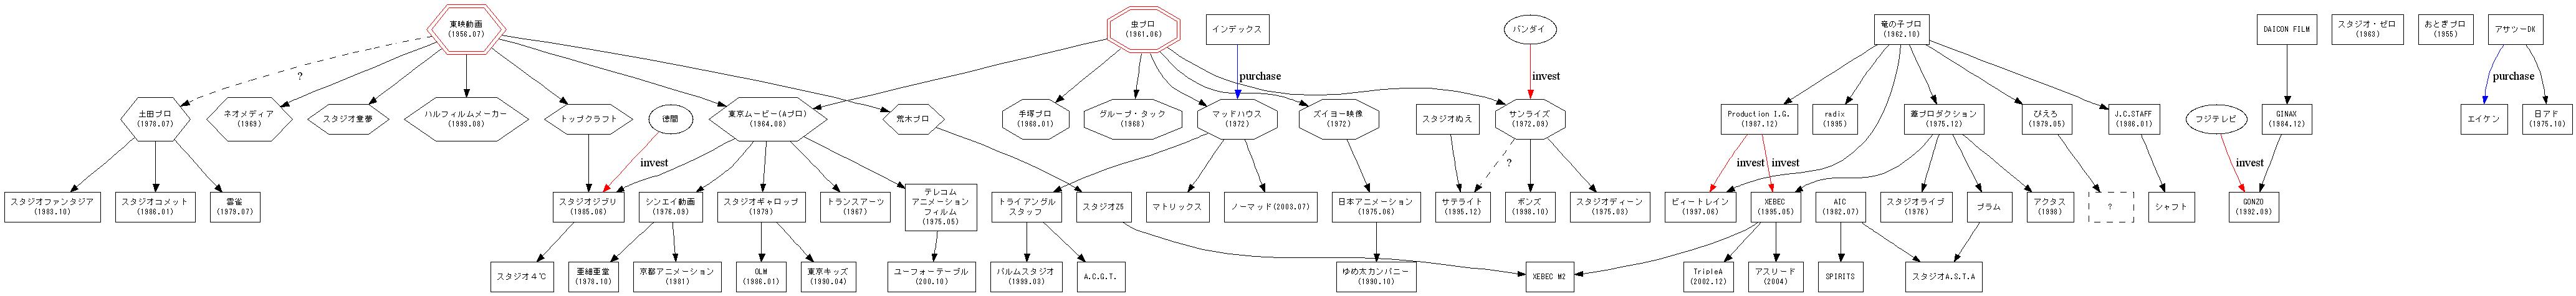 アニメスタジオの系譜